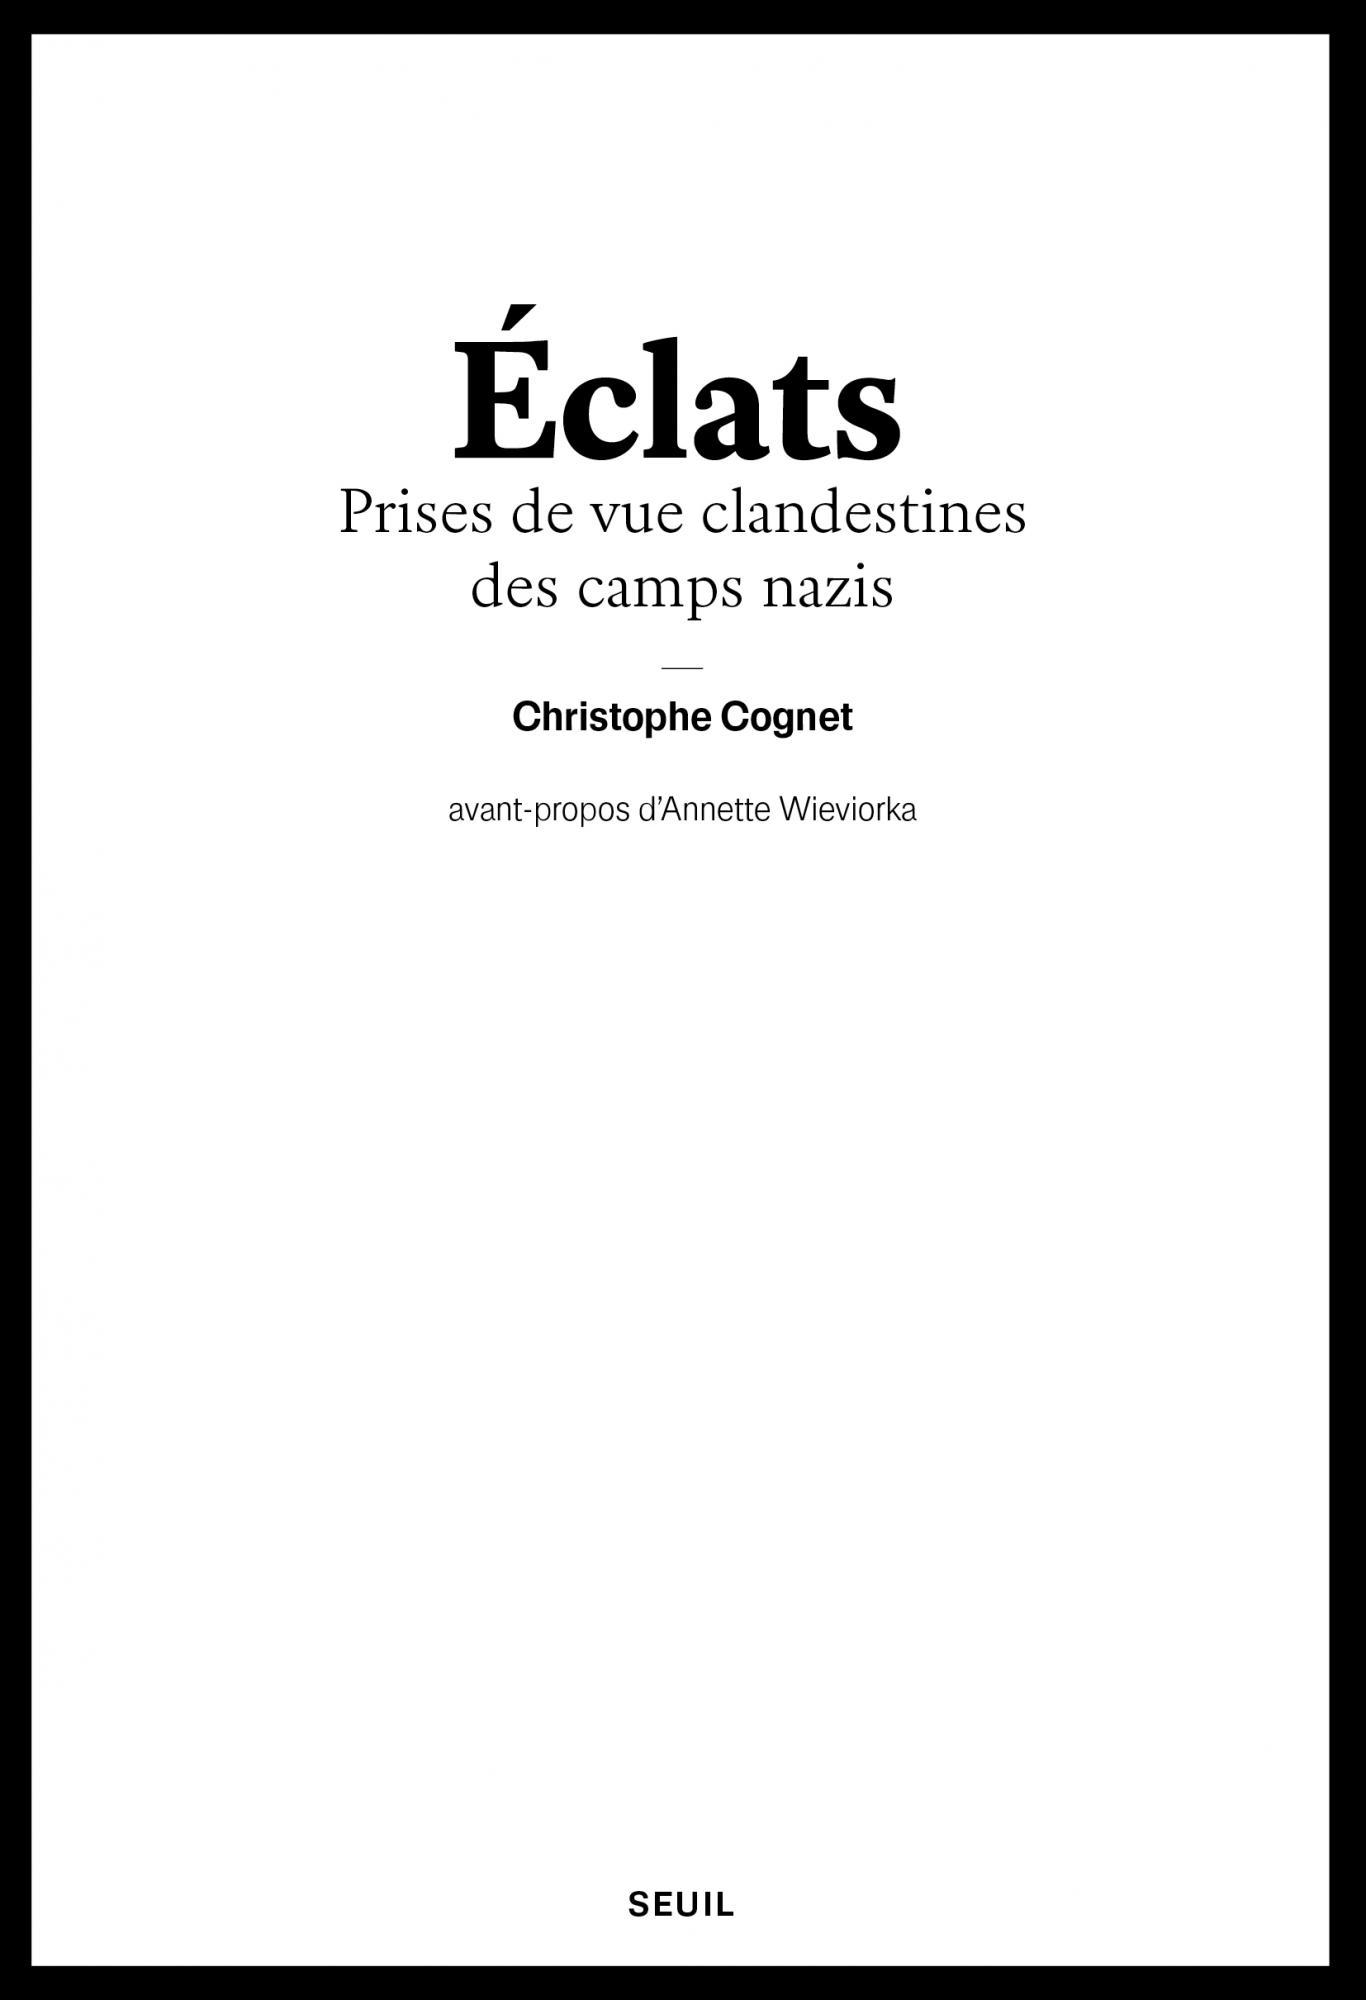 C. Cognet, Éclats. Prises de vue clandestines des camps nazis